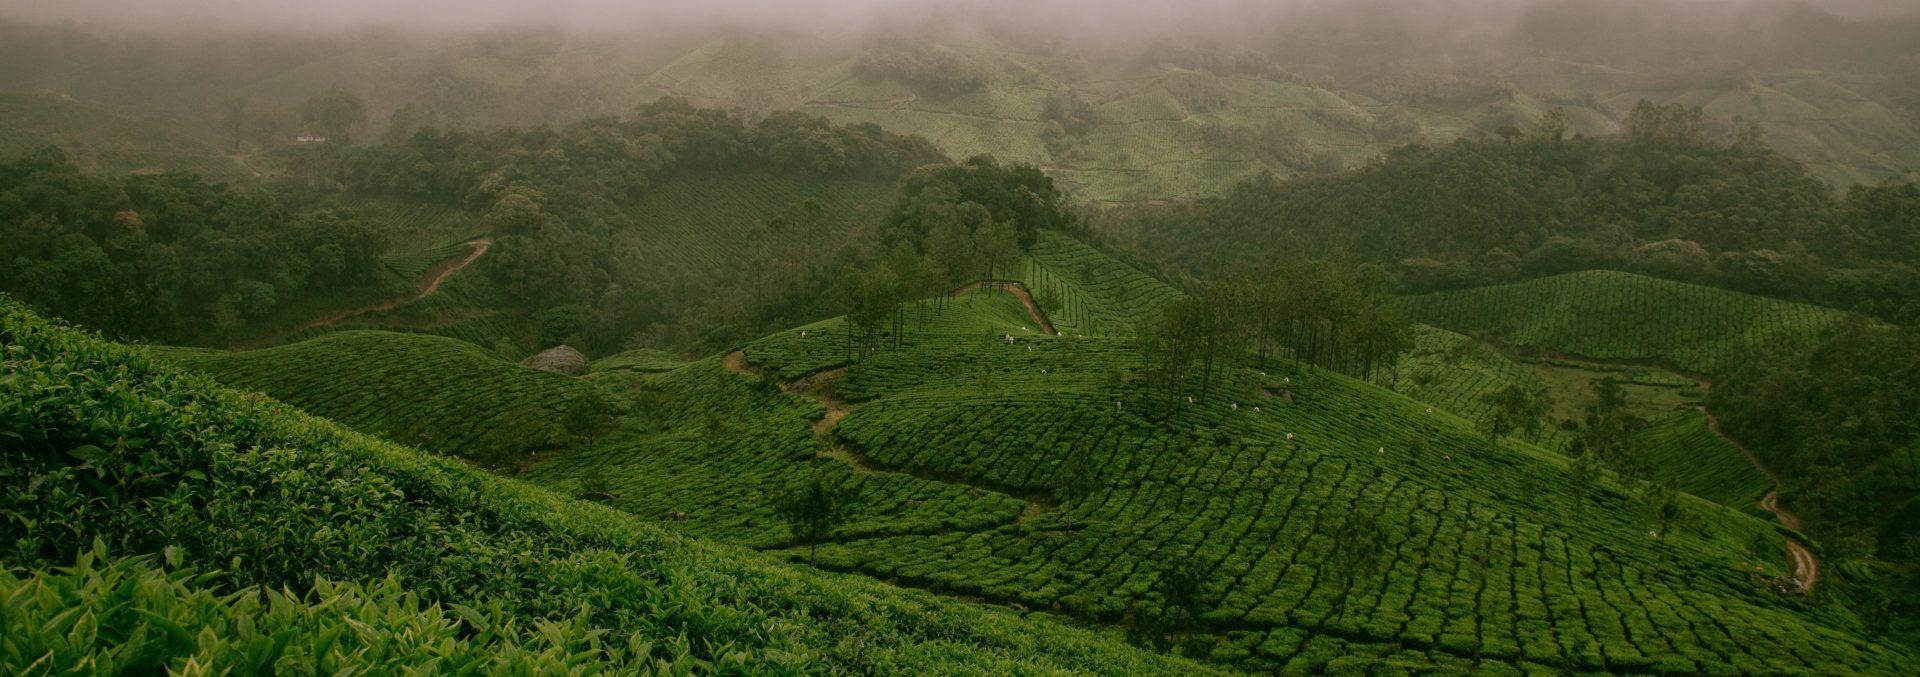 Een groen heuvellandschap in India.